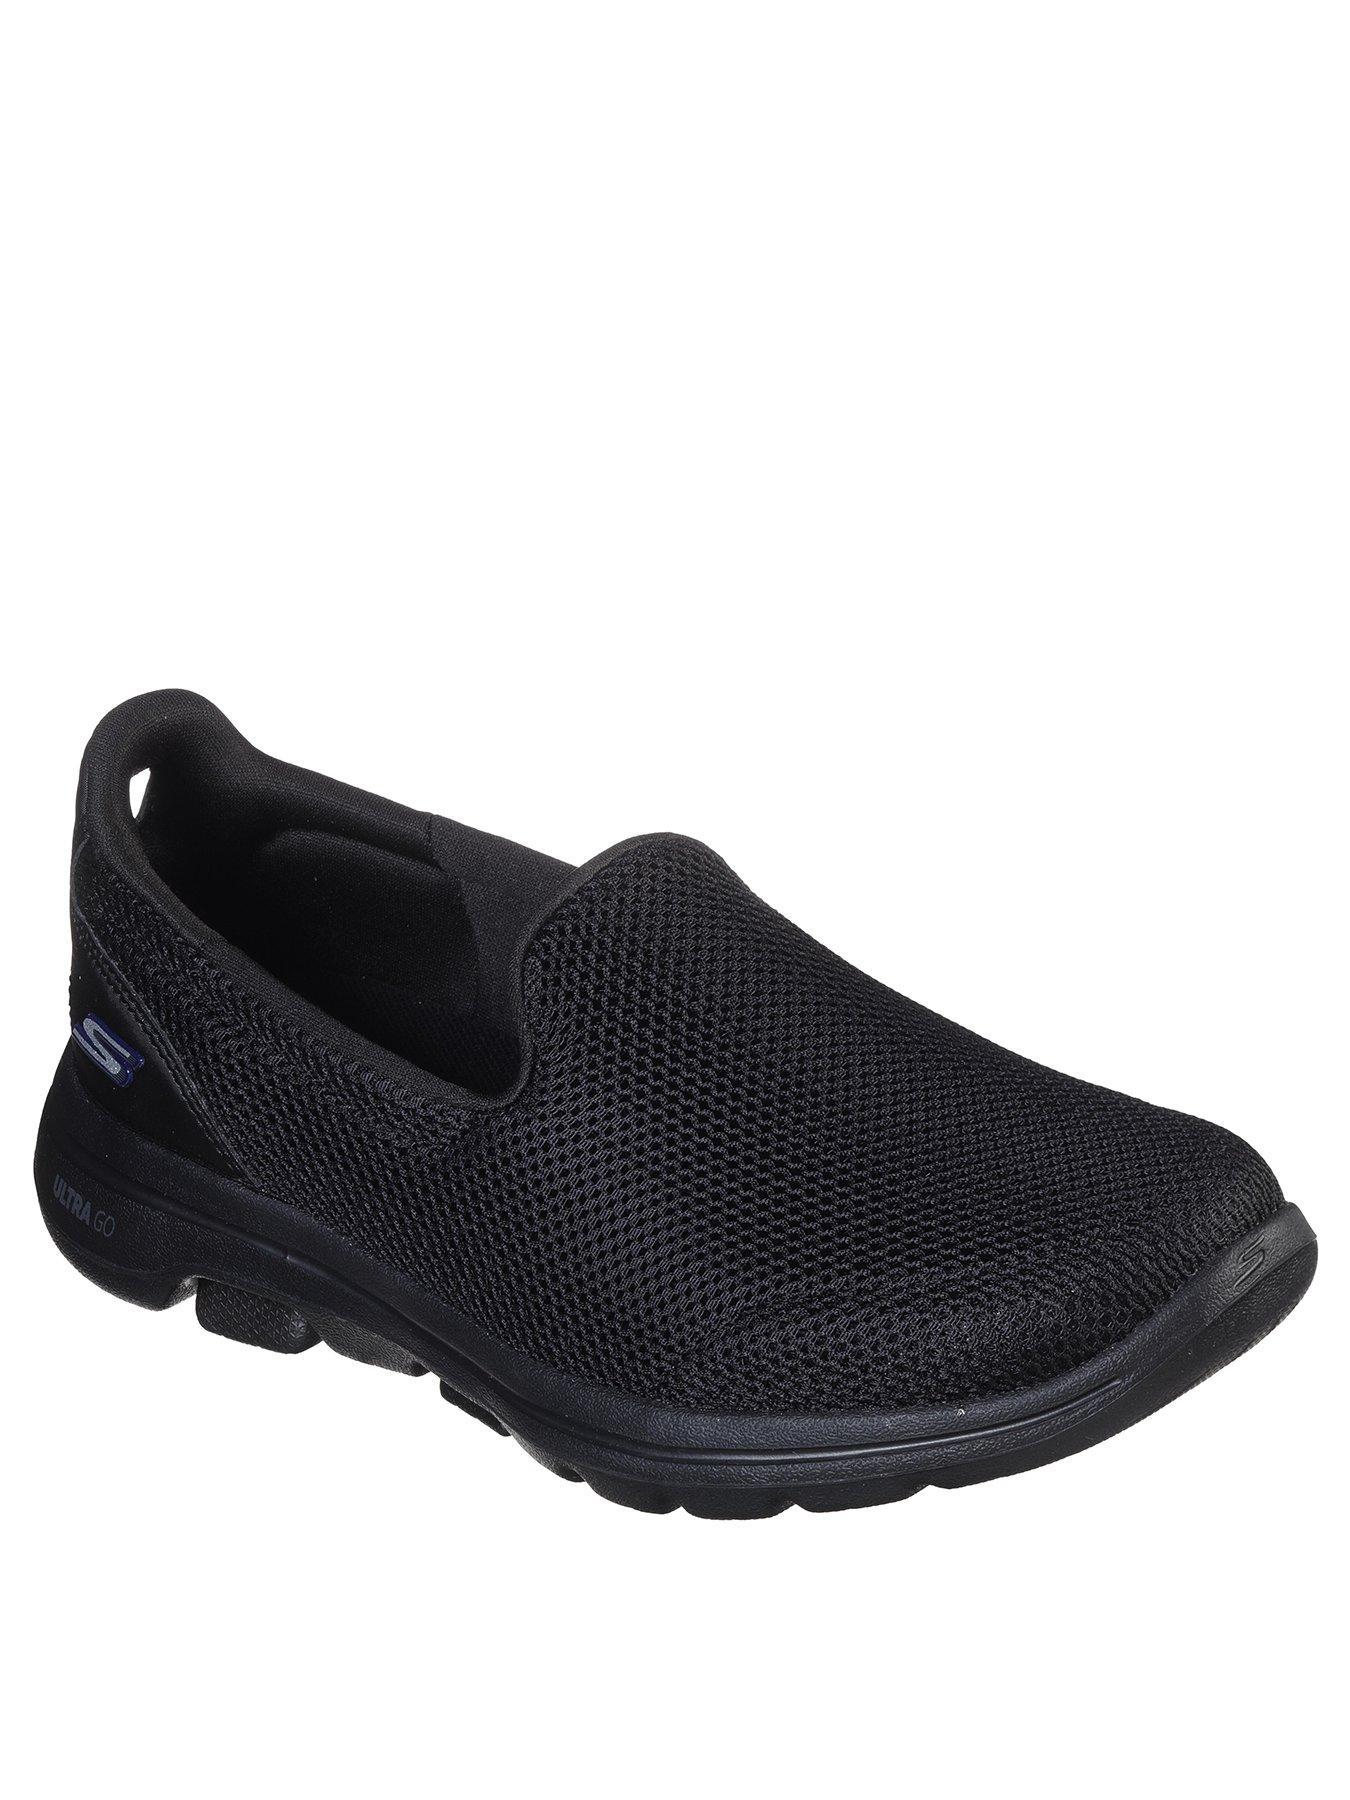 skechers pump shoes